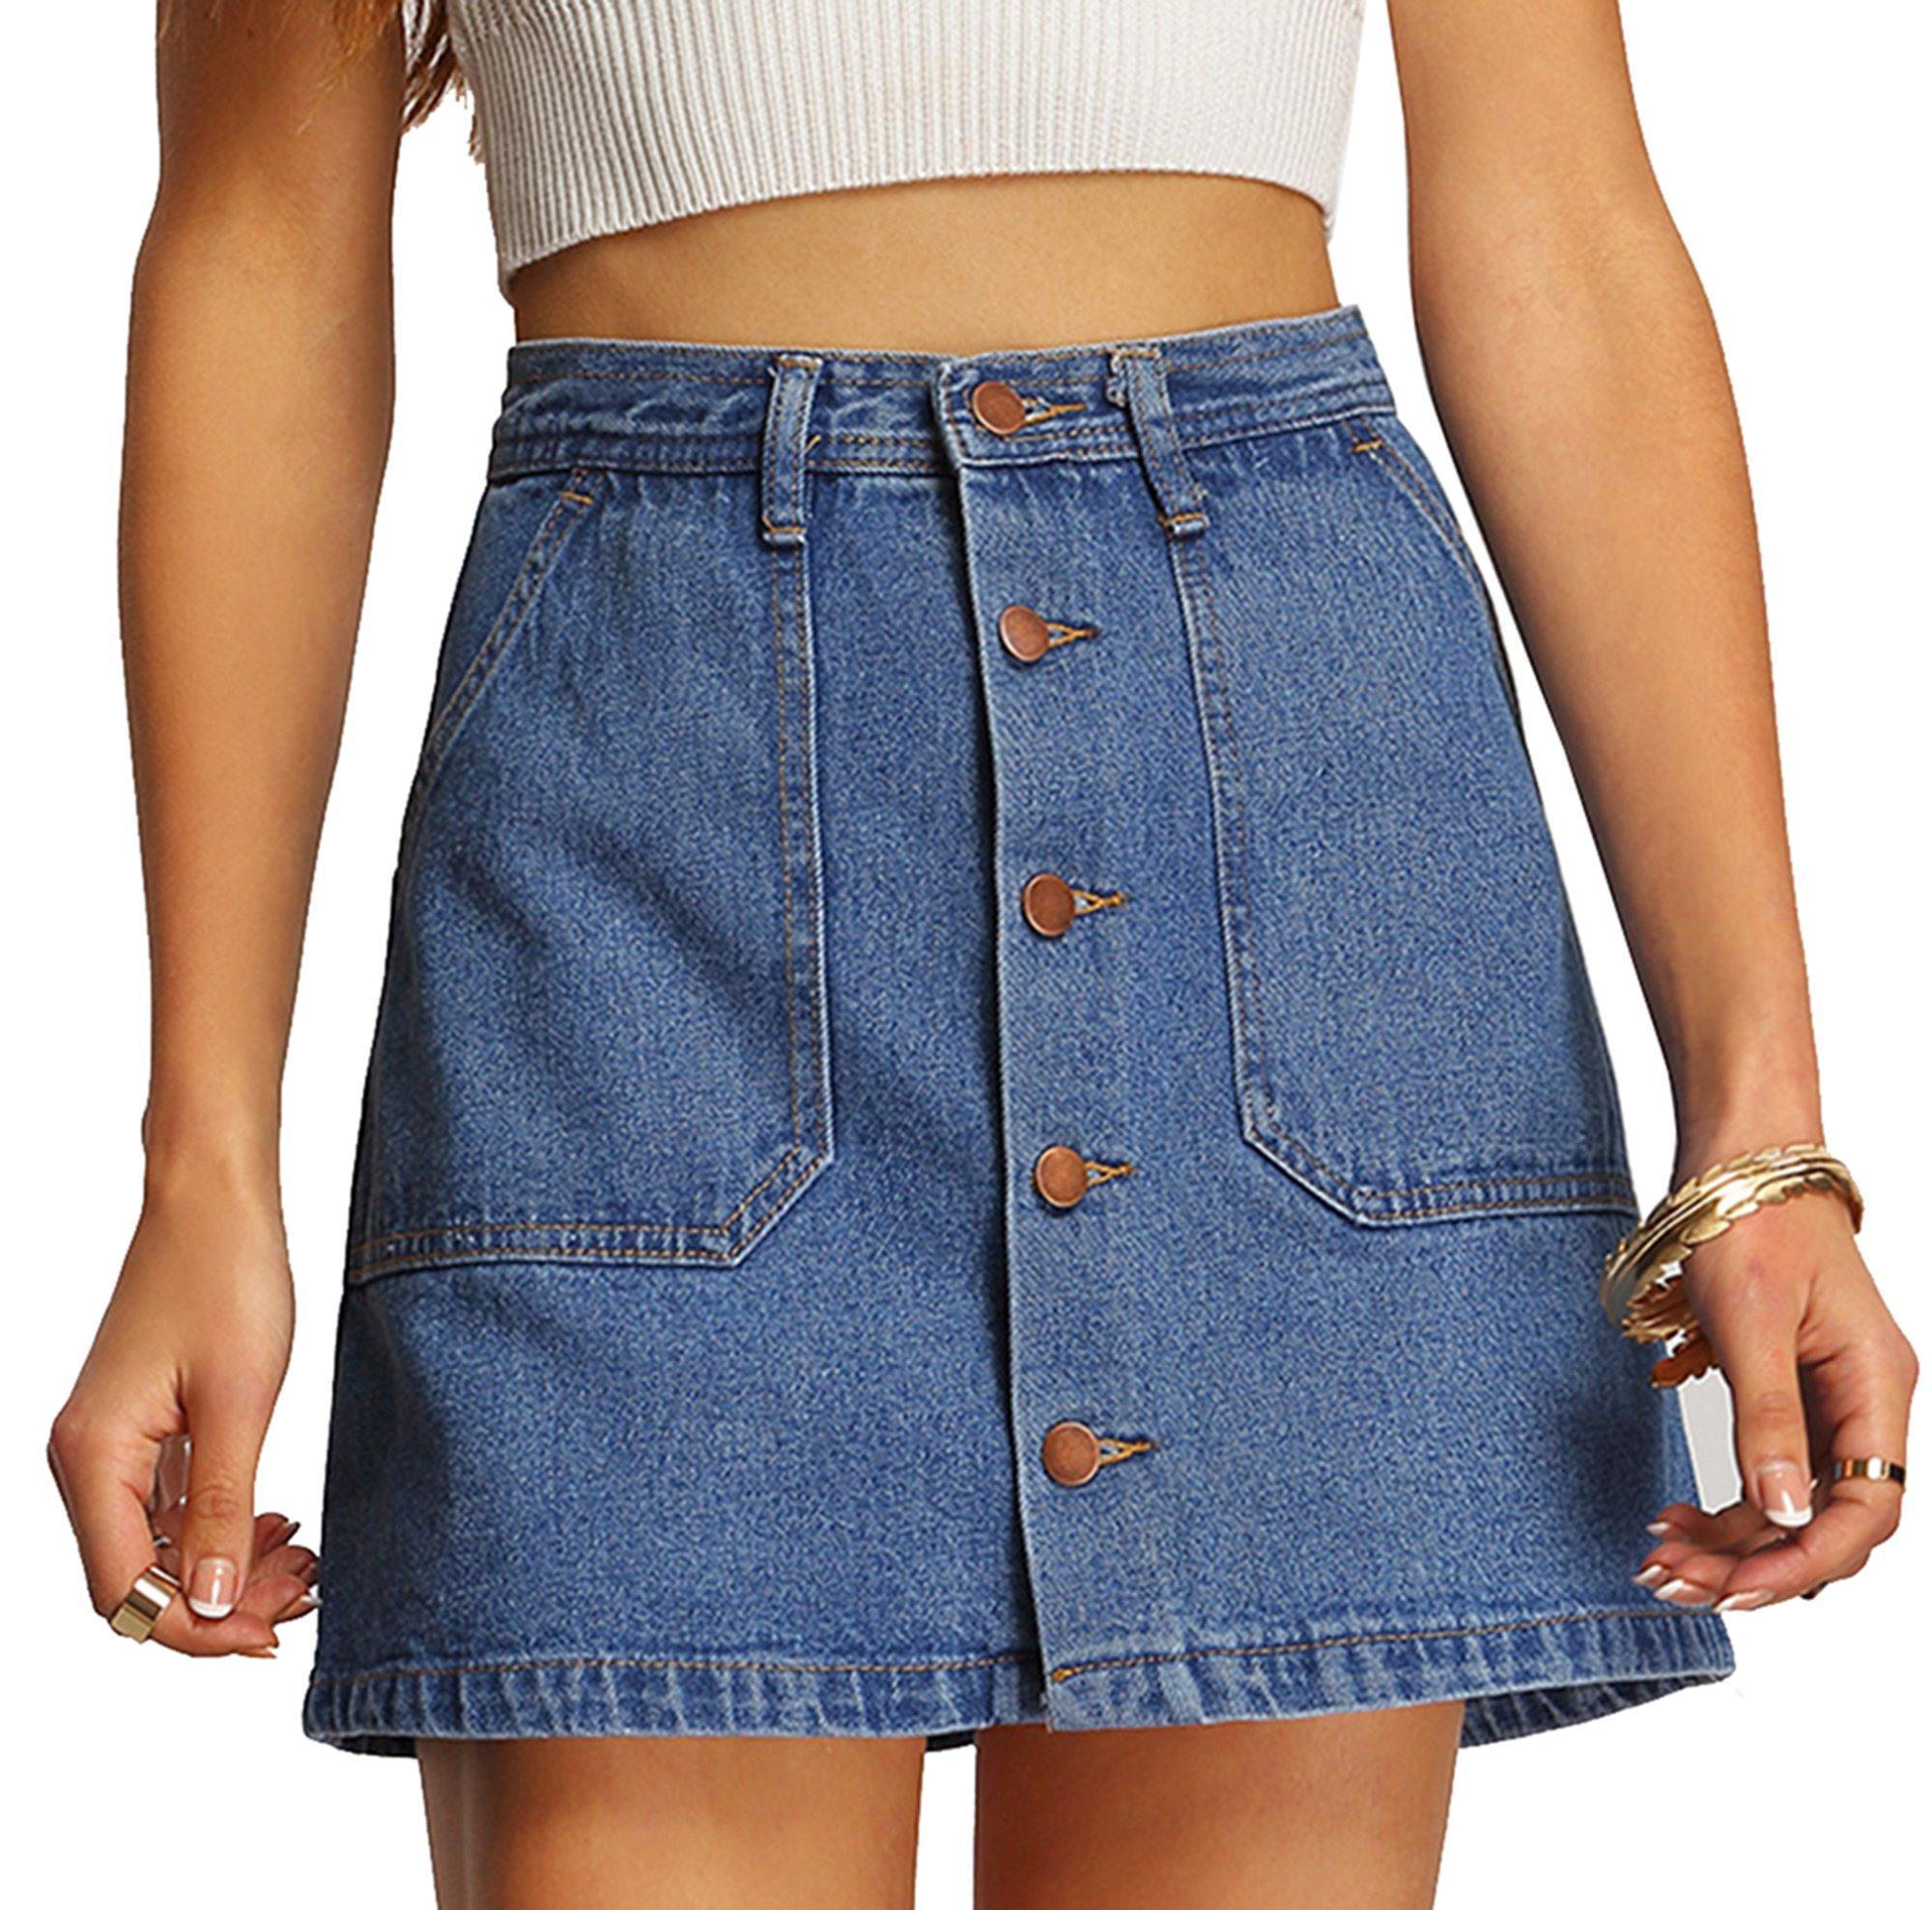 SheIn Women's Button Front Denim A-Line Short Skirt - A-Blue X-Large